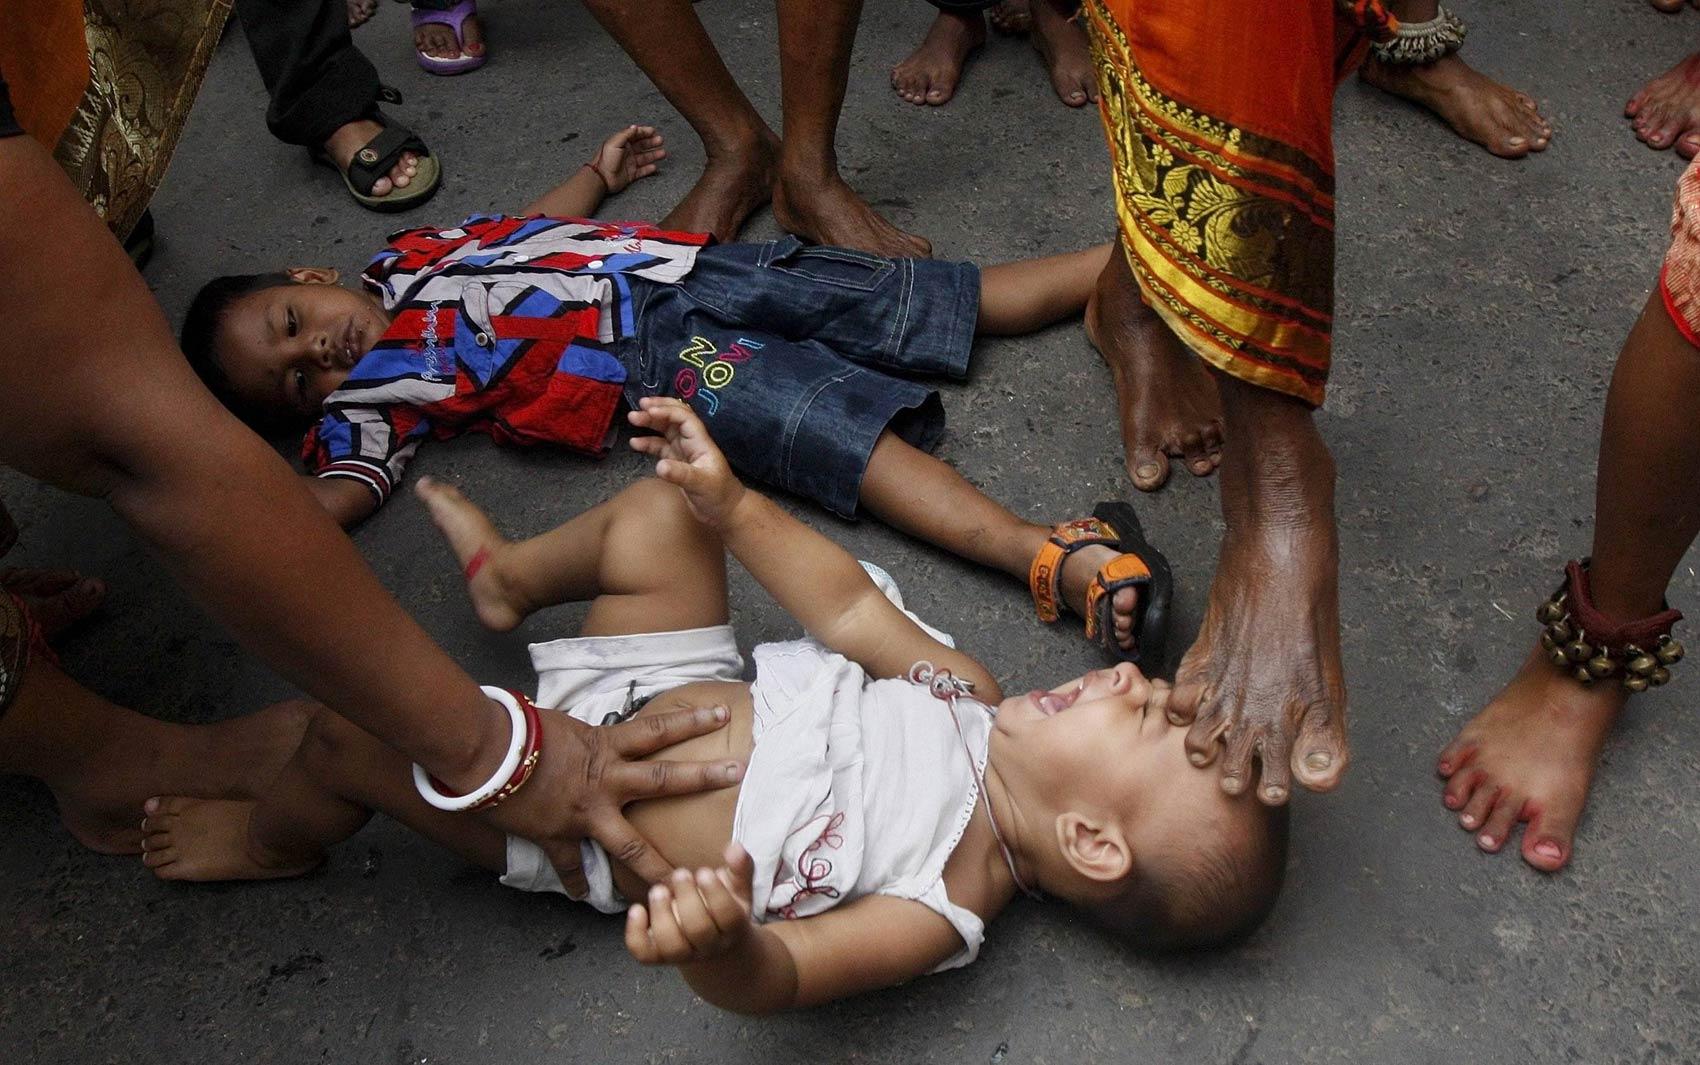 15/4 - Homem hindu considerado santo coloca o pé sobre a cabeça de bebê que chora no chão durante procissão no festival Shiva Gajan, em Kolkata, na Índia. Os fiéis acreditam que o tradicional ritual abençoa as crianças, provendo saúde e prosperidade